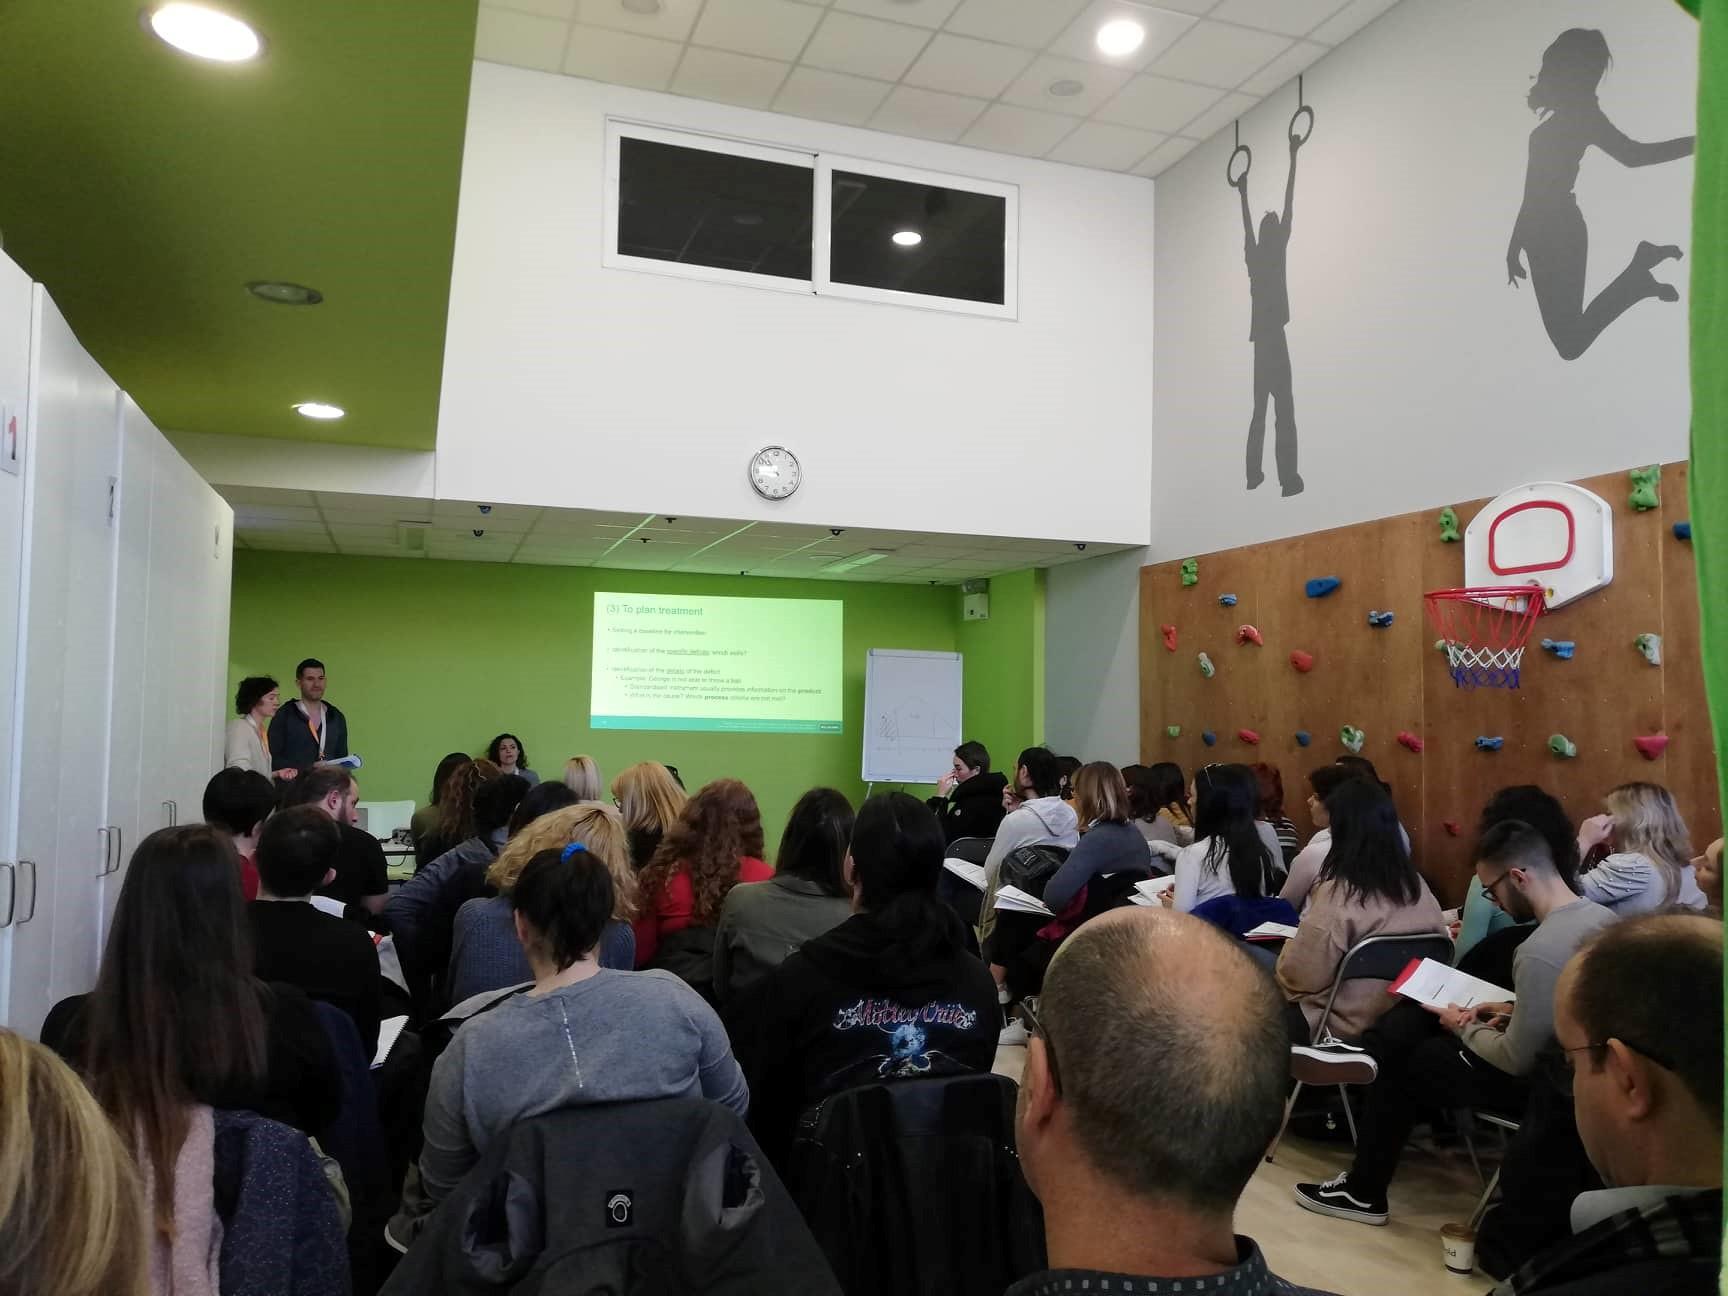 pdms-workshop-athens-02